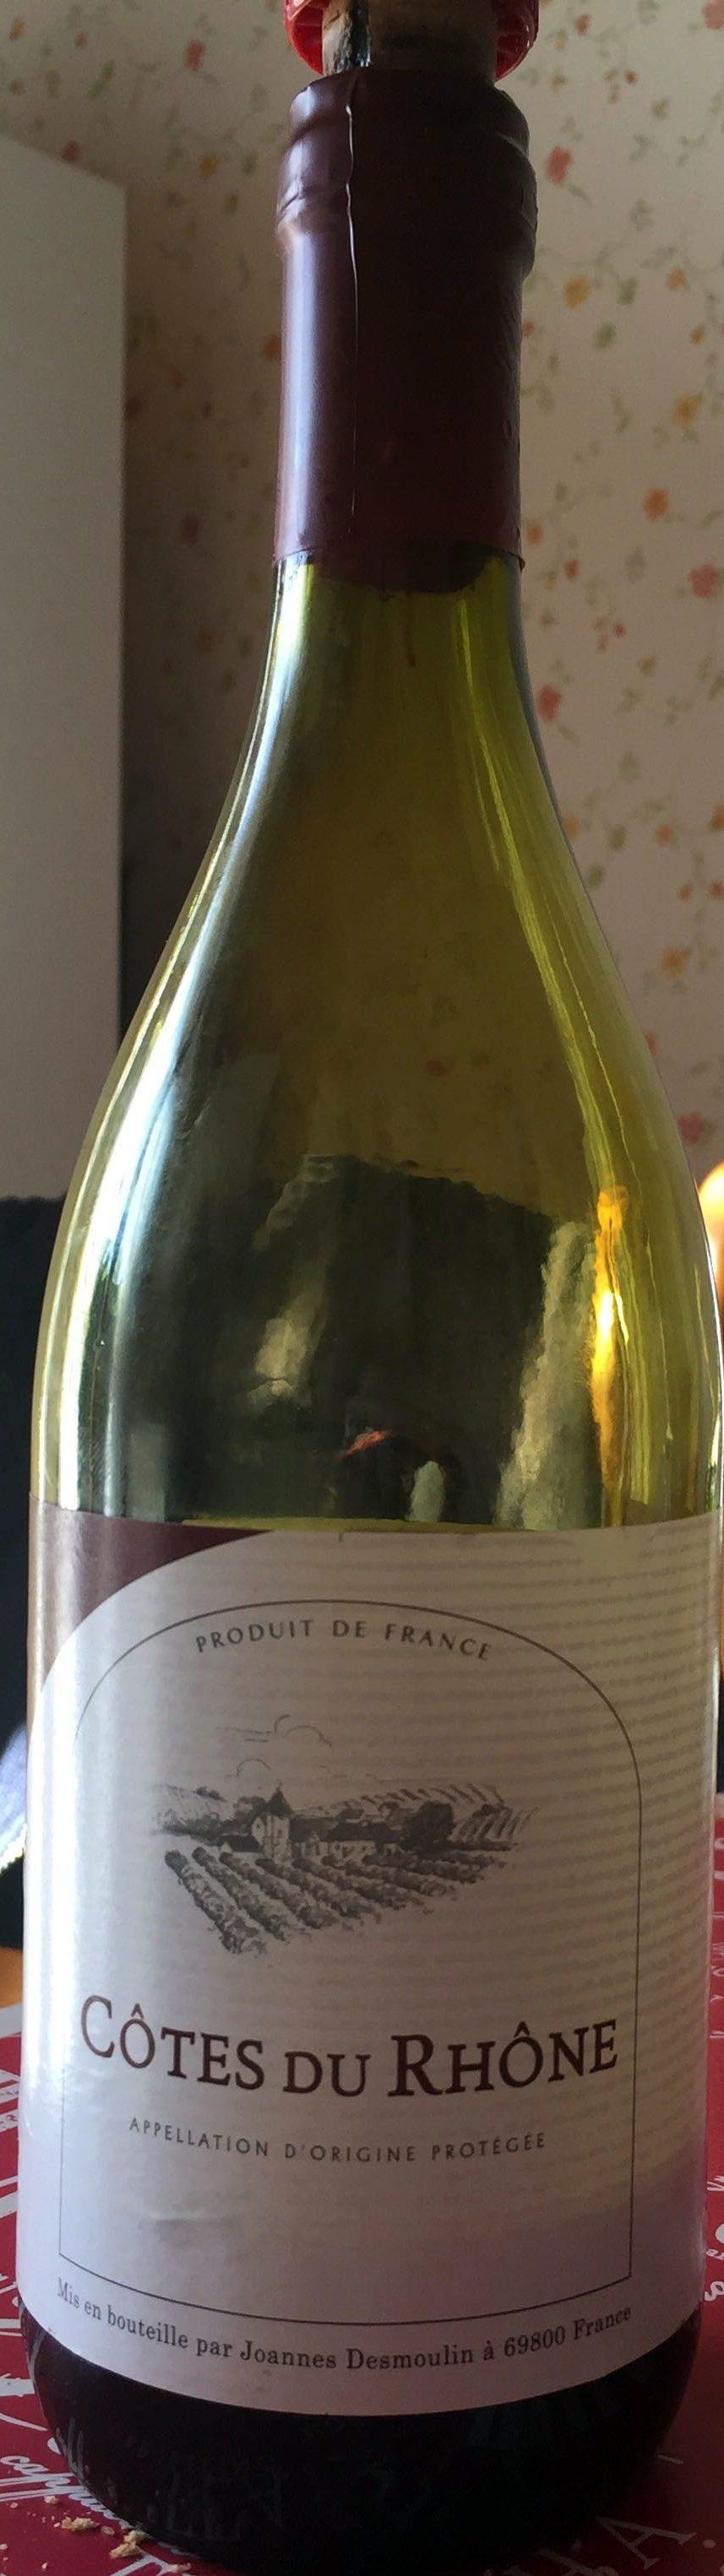 Côtes du Rhône - Product - fr